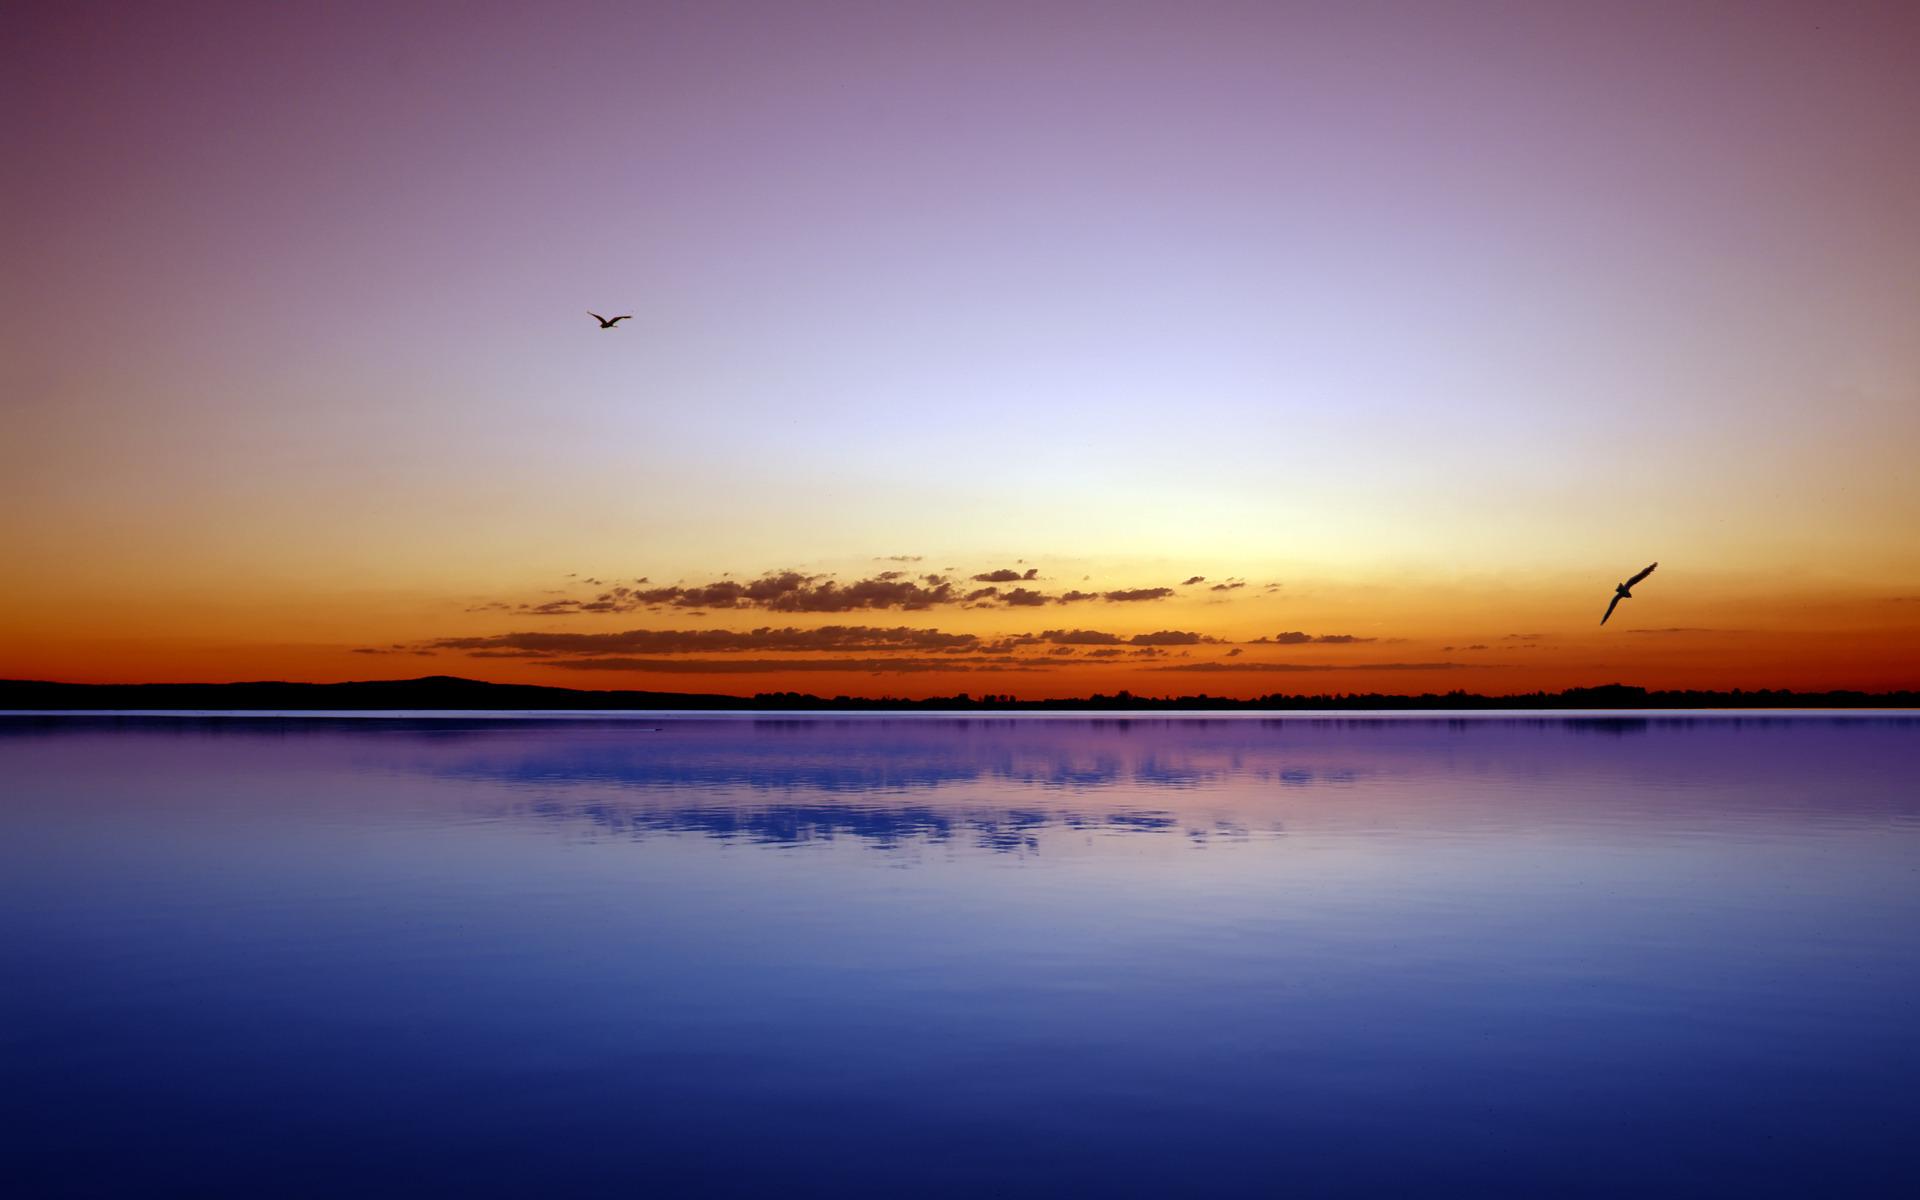 Вечер над водой бесплатно